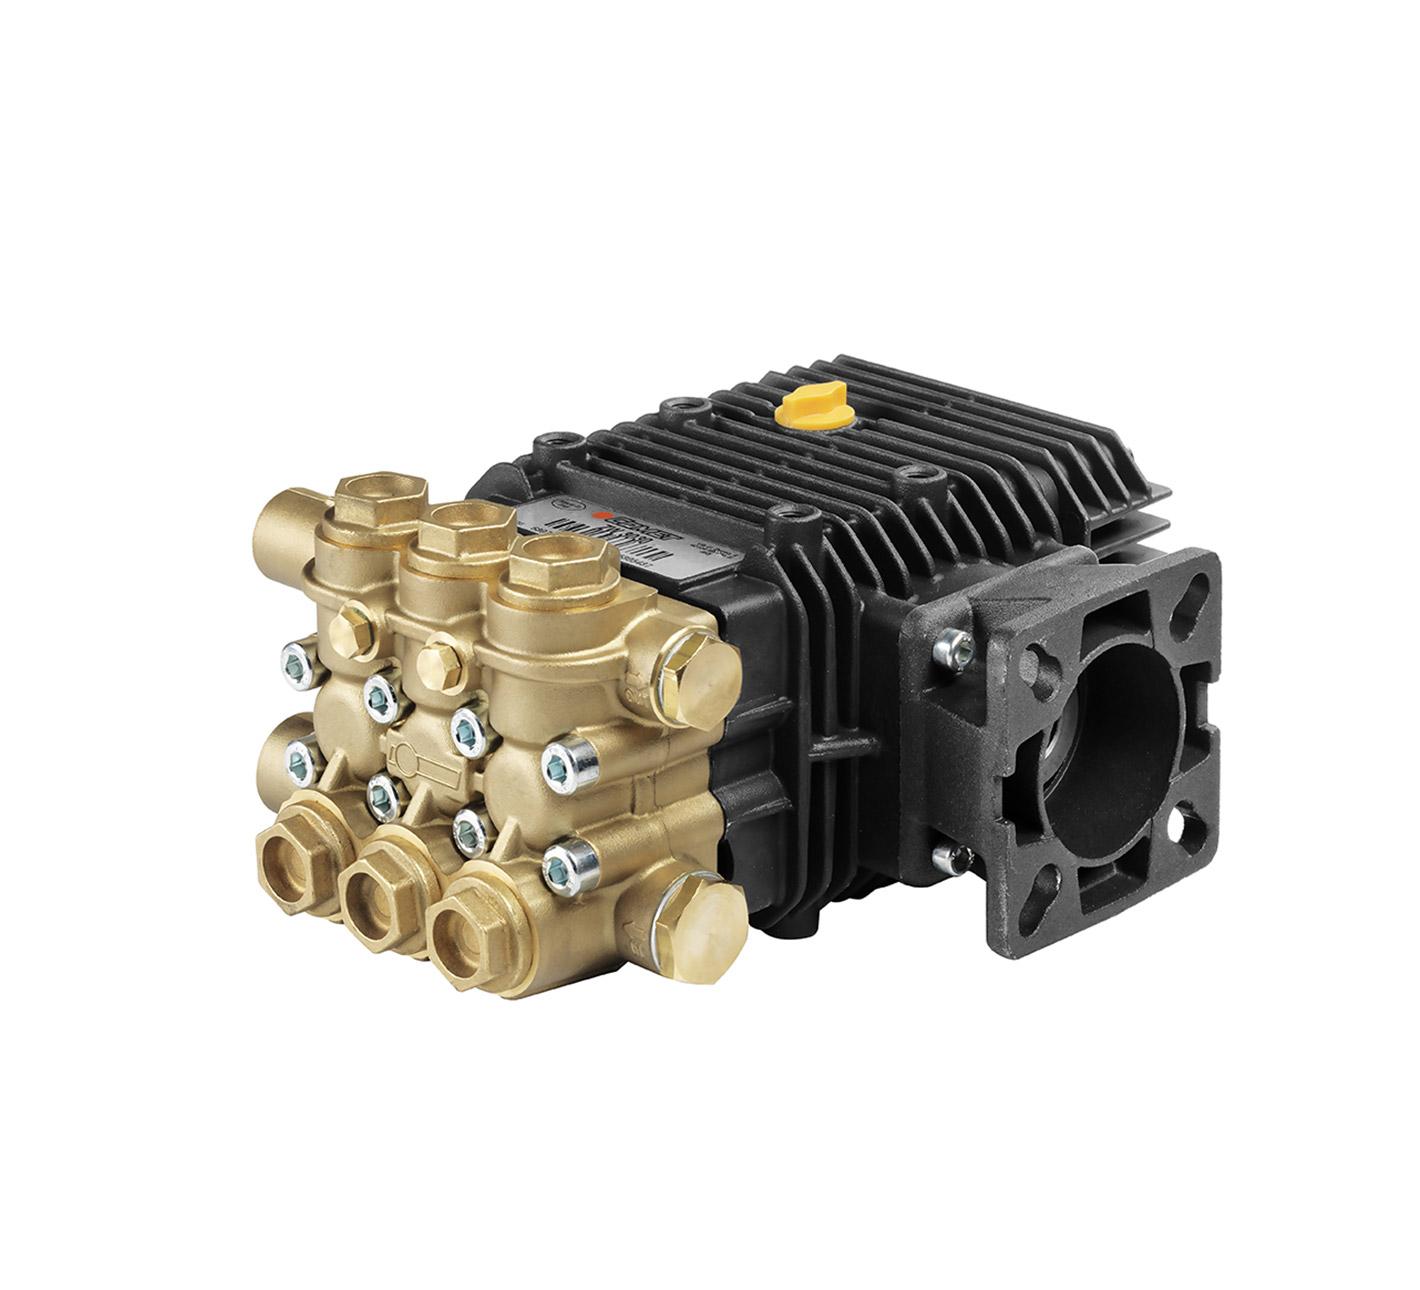 zwd 3/4 Comet Industrial Pumps